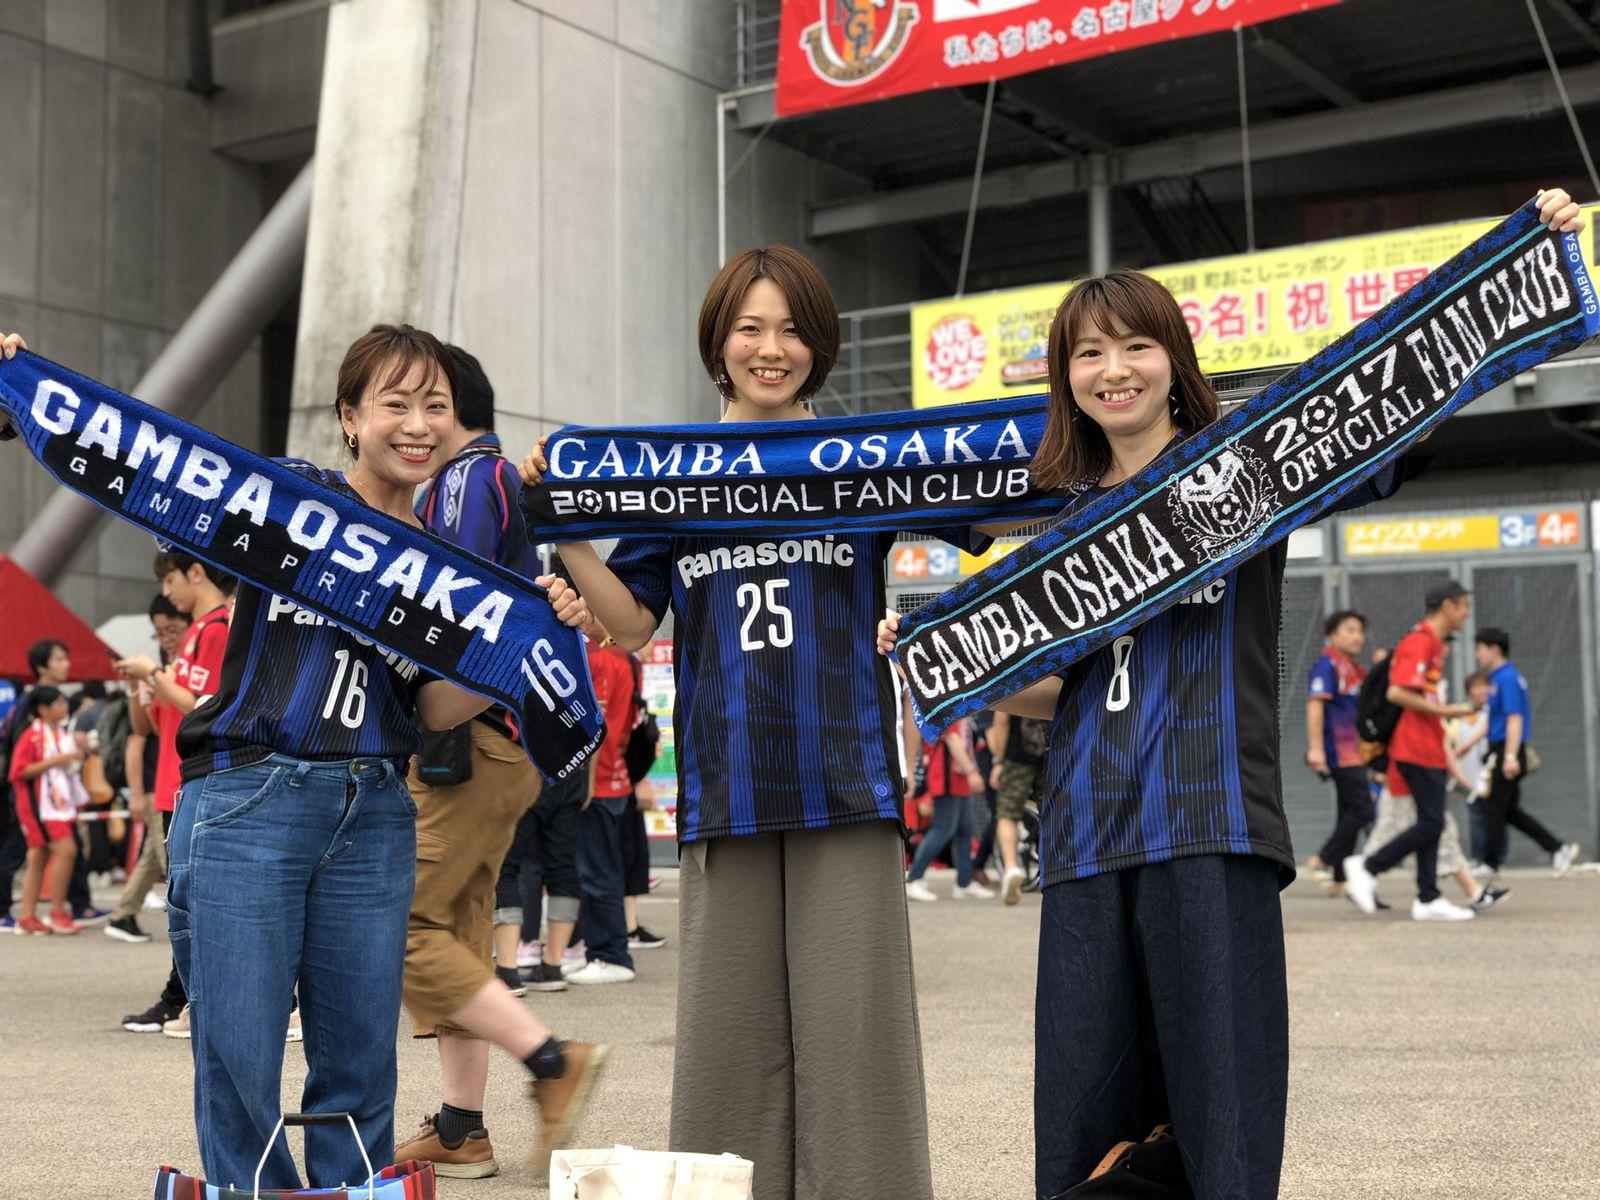 【応募終了】チケット無料でサッカー観戦!女性30名限定イベント「ガンバ大阪 ガールズシート」開催